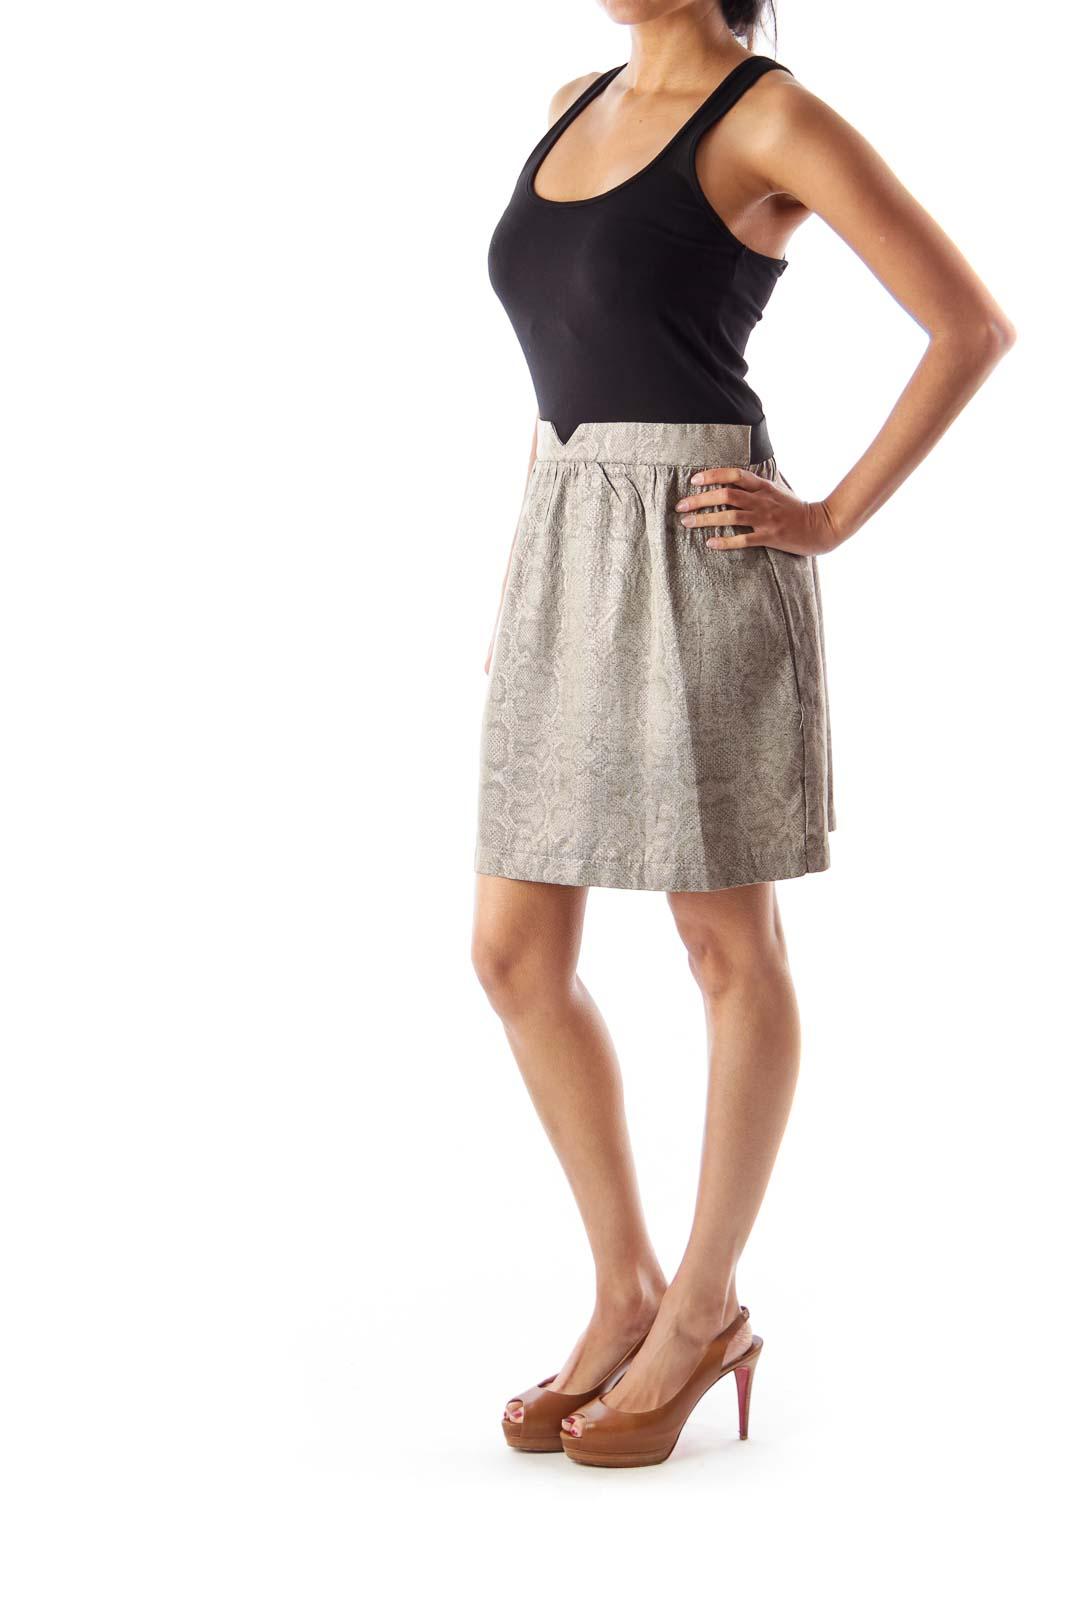 Black & Metallic Mini Dress